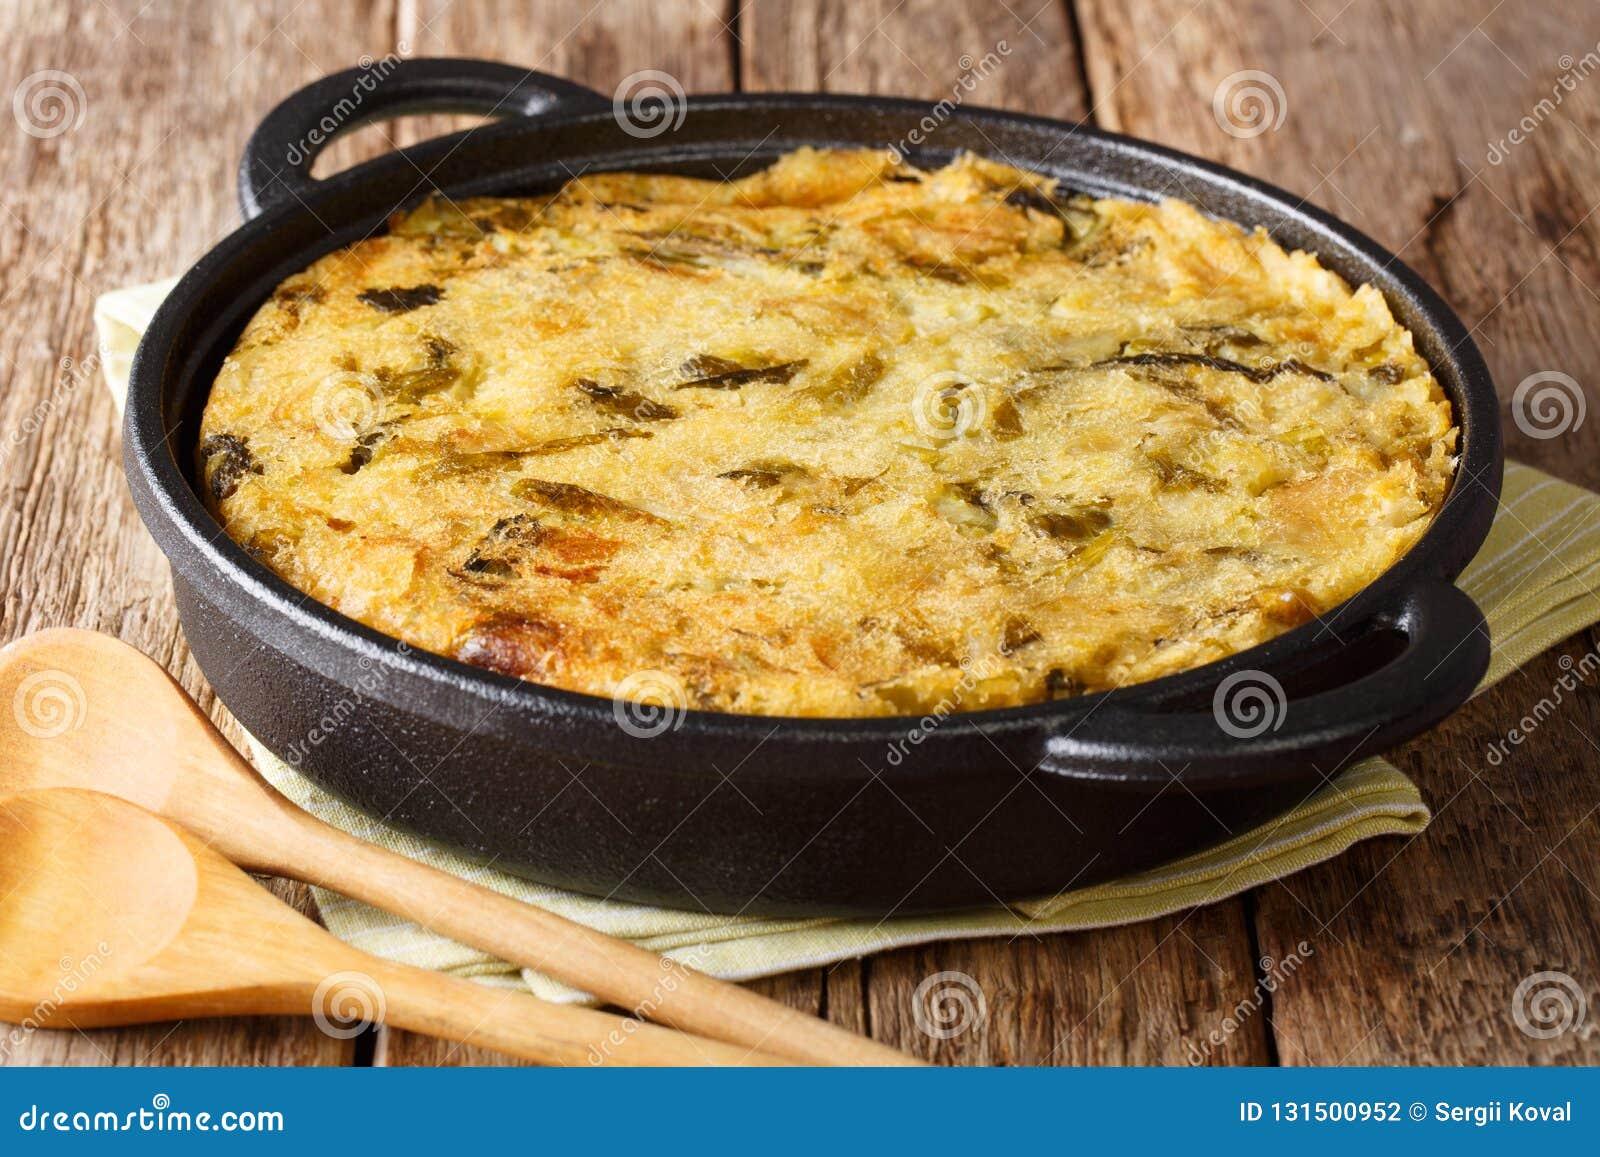 Υγιής διαιτητική αγγλική φυσαλίδα & τρίξιμο τροφίμων από τις ψημένες πολτοποιηίδες πατάτες με το λάχανο και τους νεαρούς βλαστούς